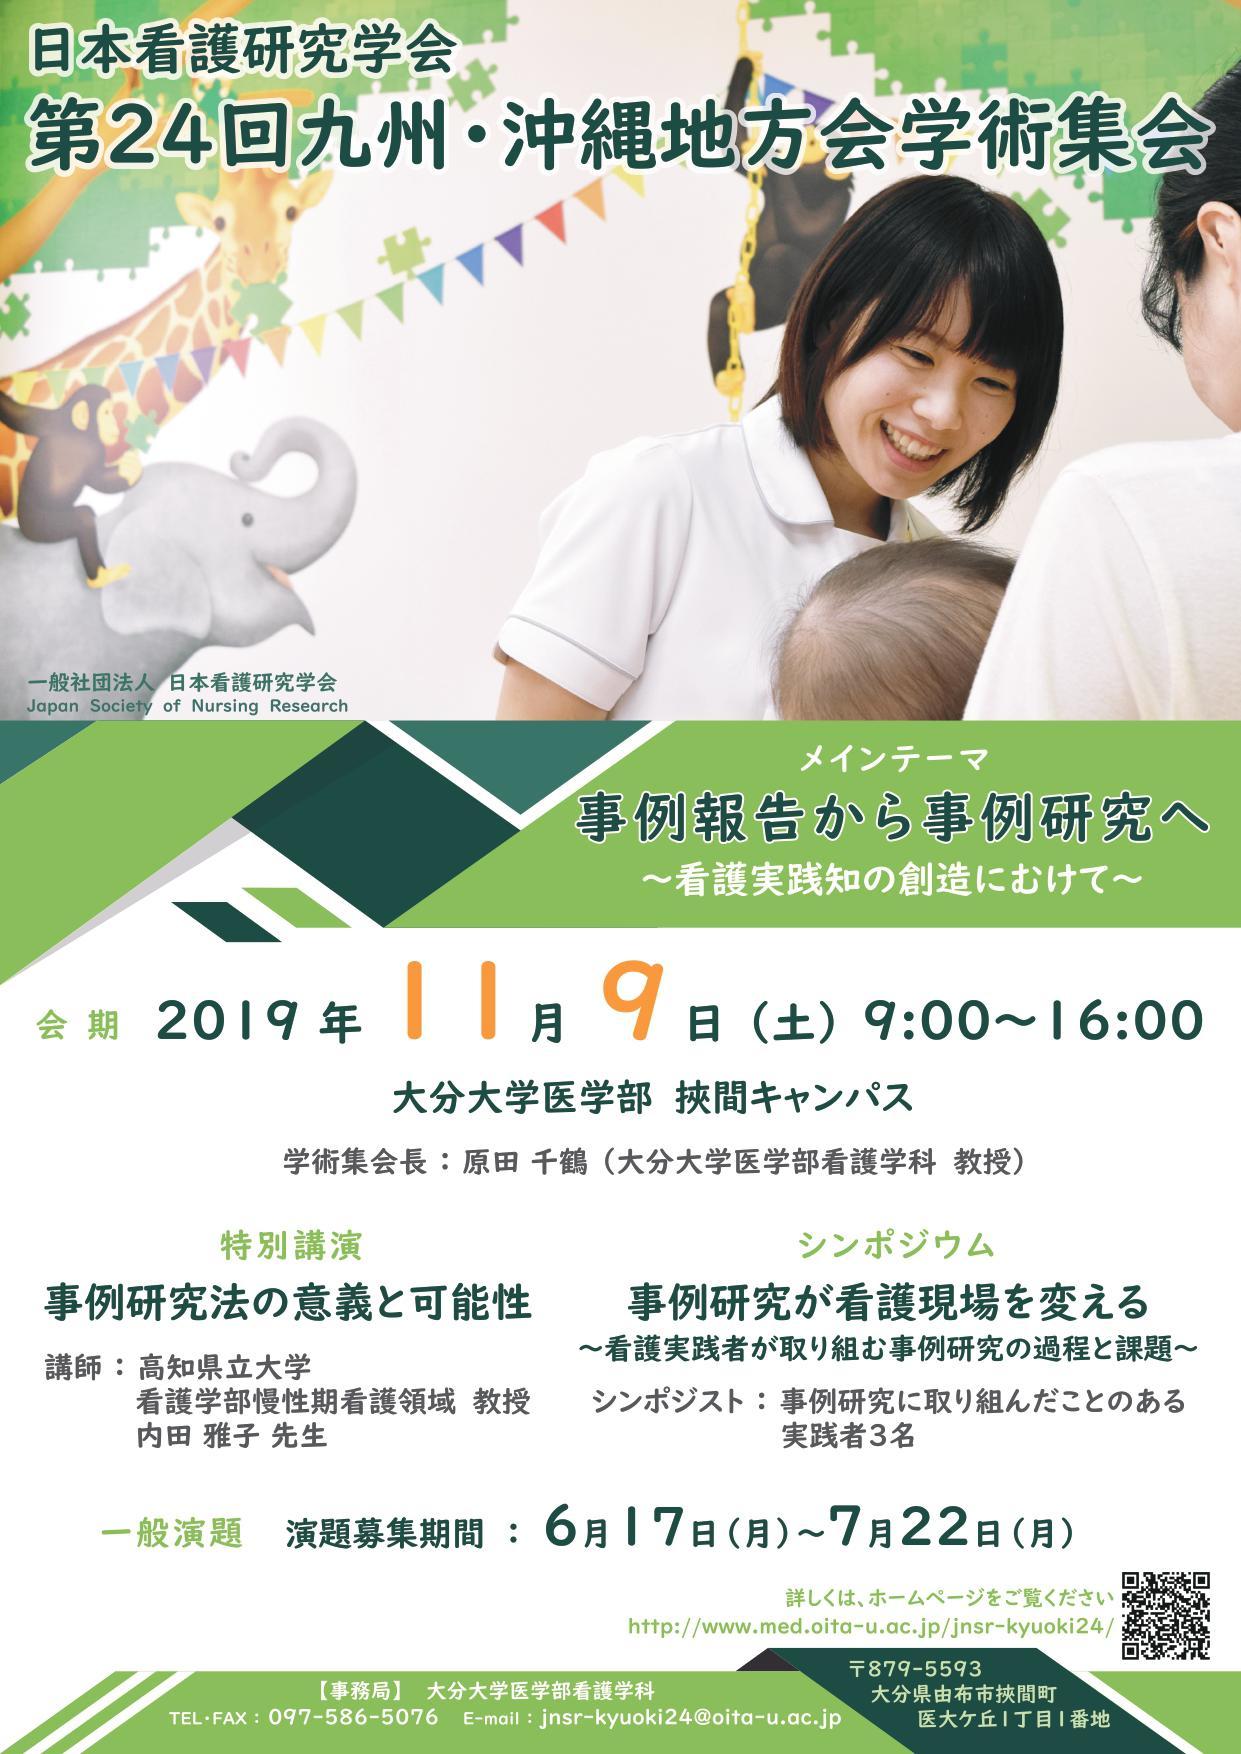 第24回 九州沖縄地方会学術集会 ポスター_page-0001.jpg